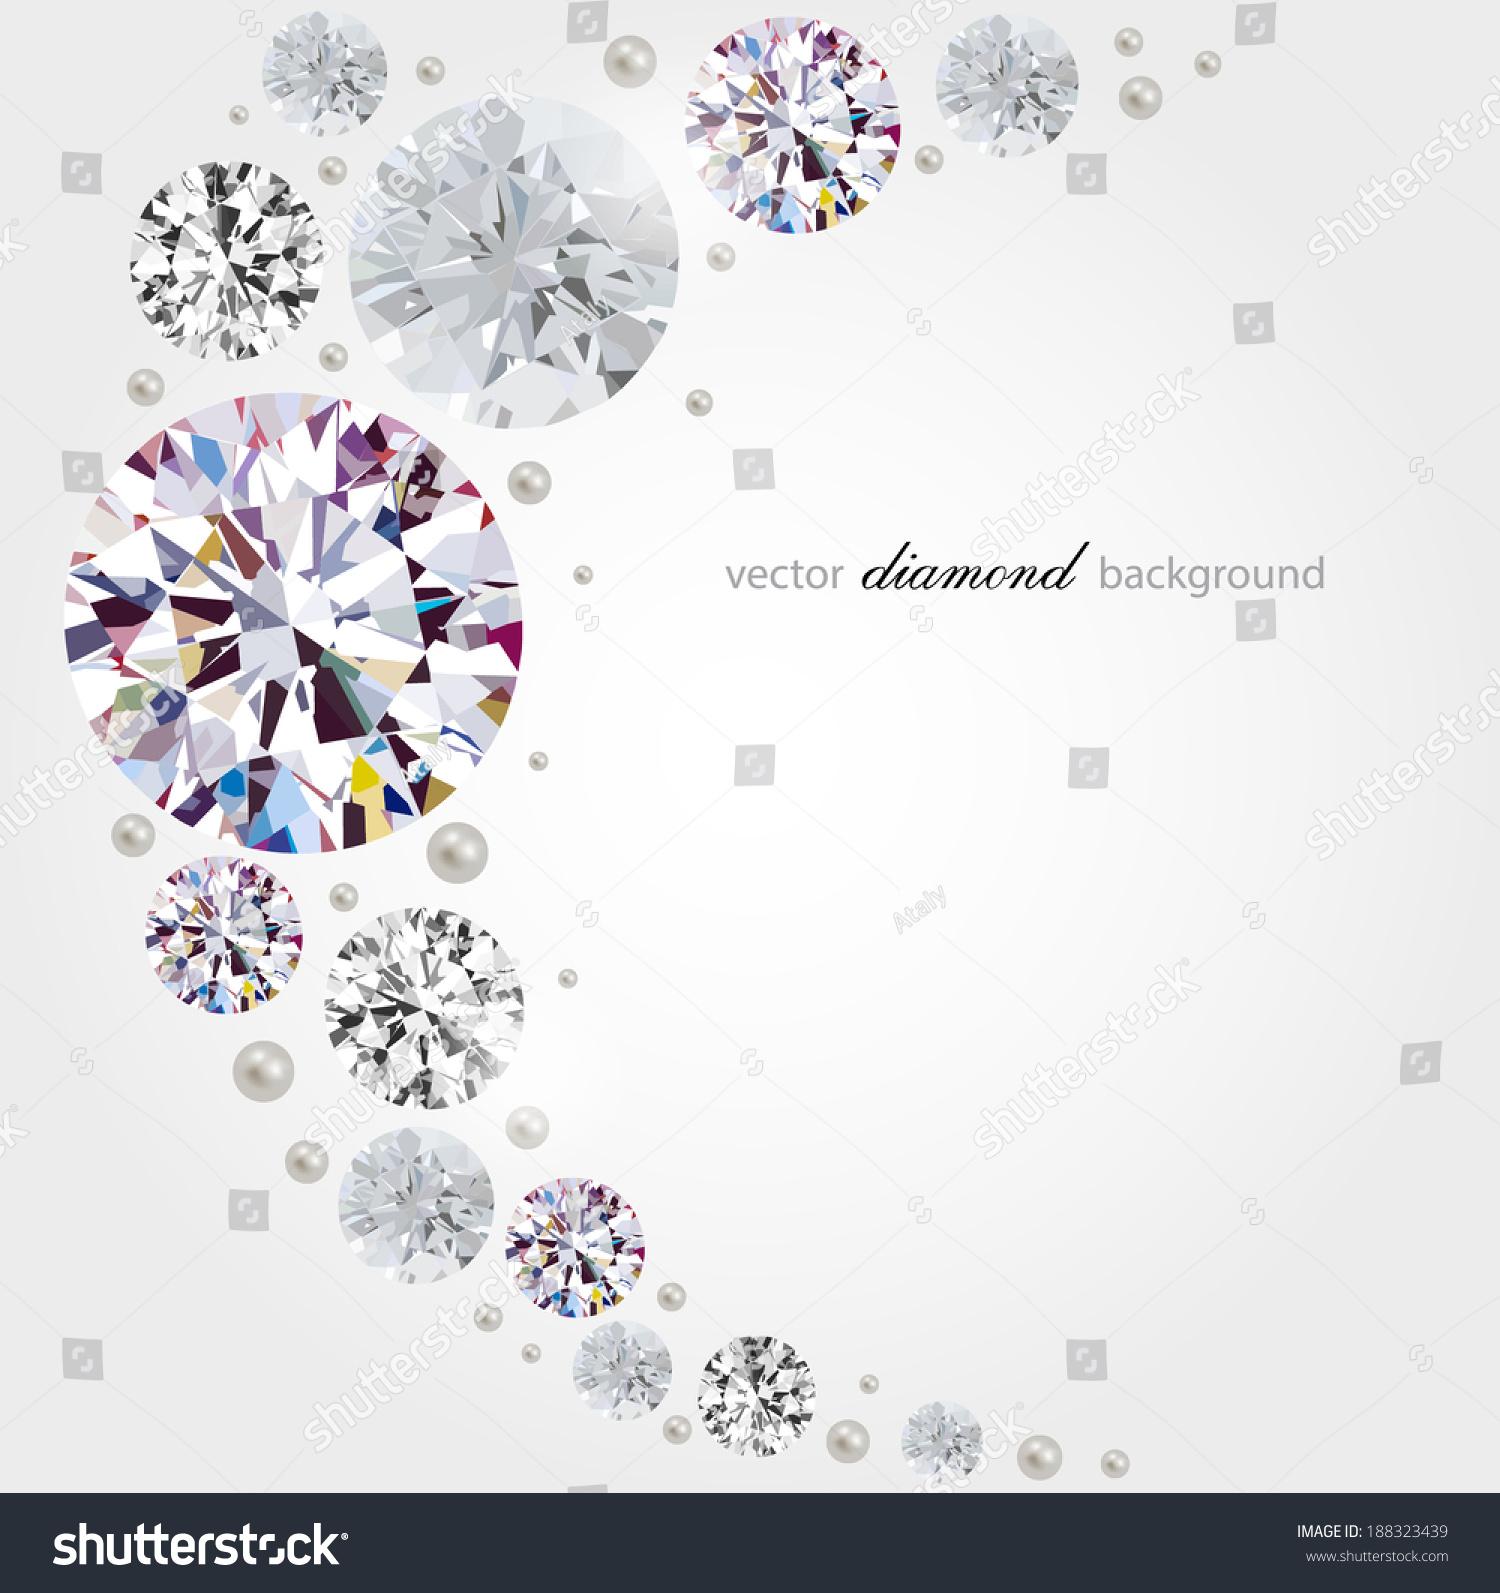 抽象的背景与钻石和珍珠-背景/素材,抽象-海洛创意()